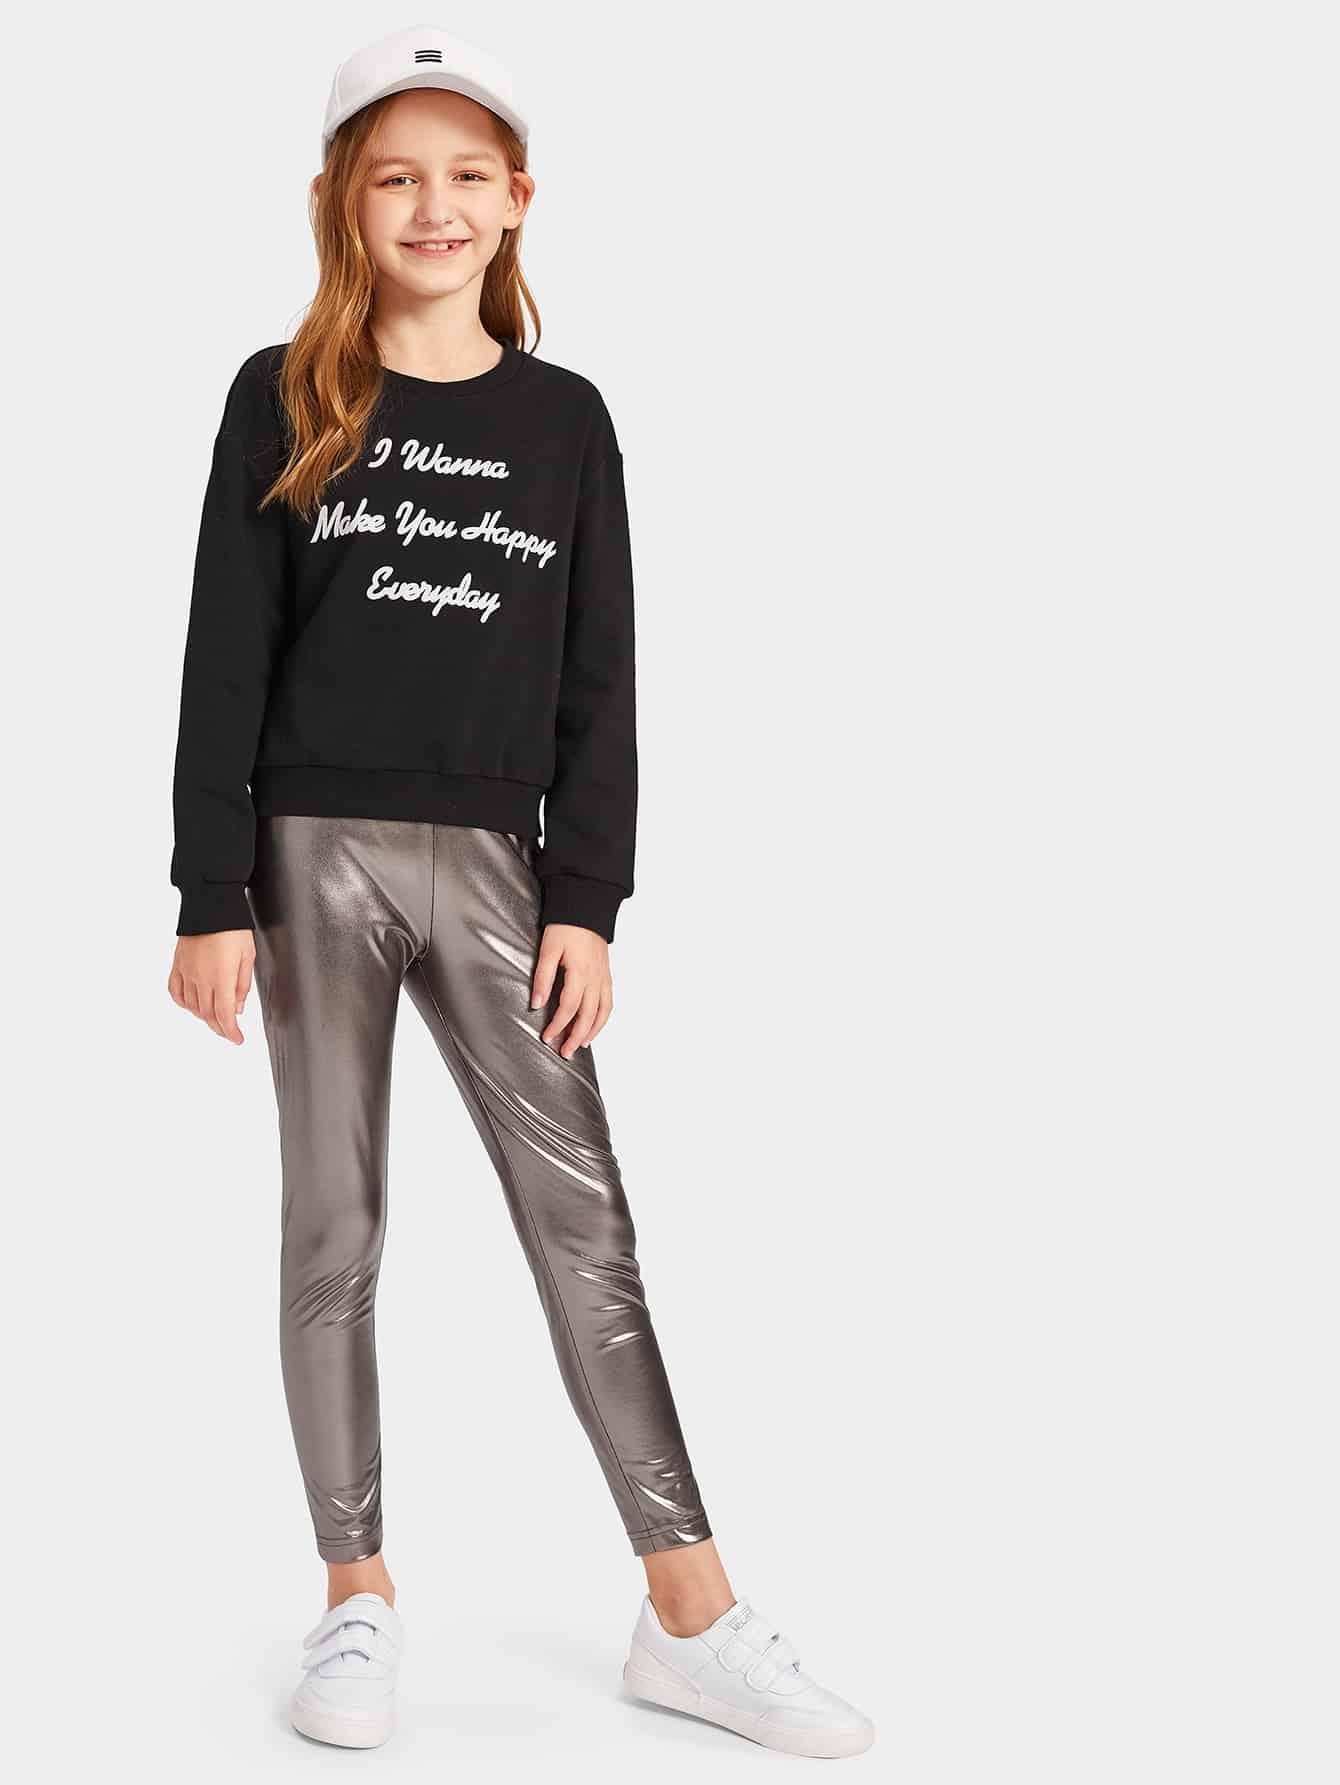 Свитшот с текстовым принтом и металлические брюки комплект для девочек, Sashab, SheIn  - купить со скидкой